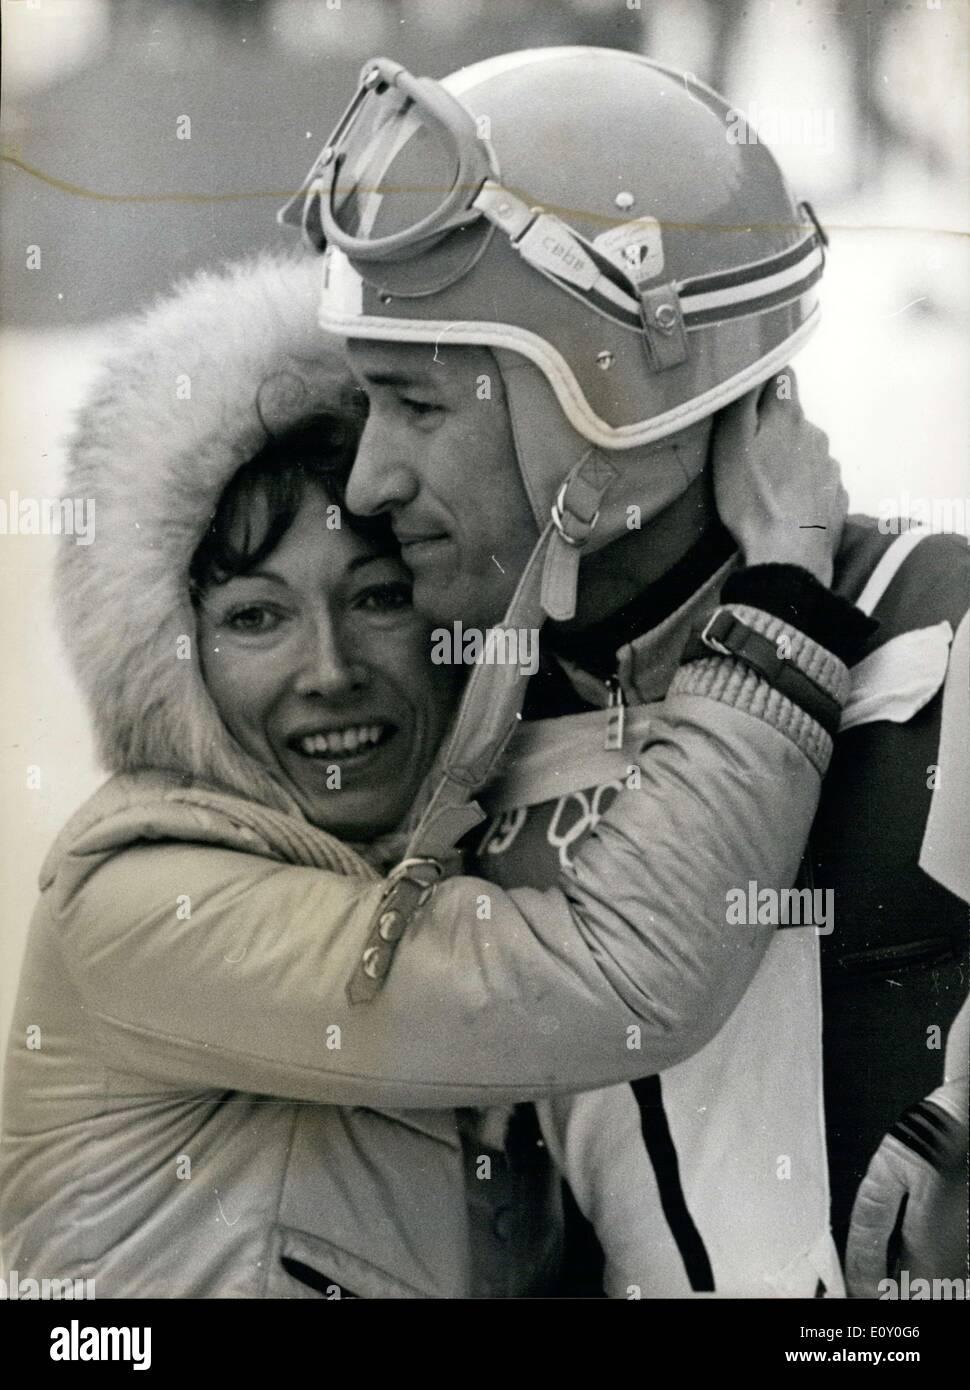 Febrero 10 1968 Estan En Los Juegos Olimpicos De Invierno En